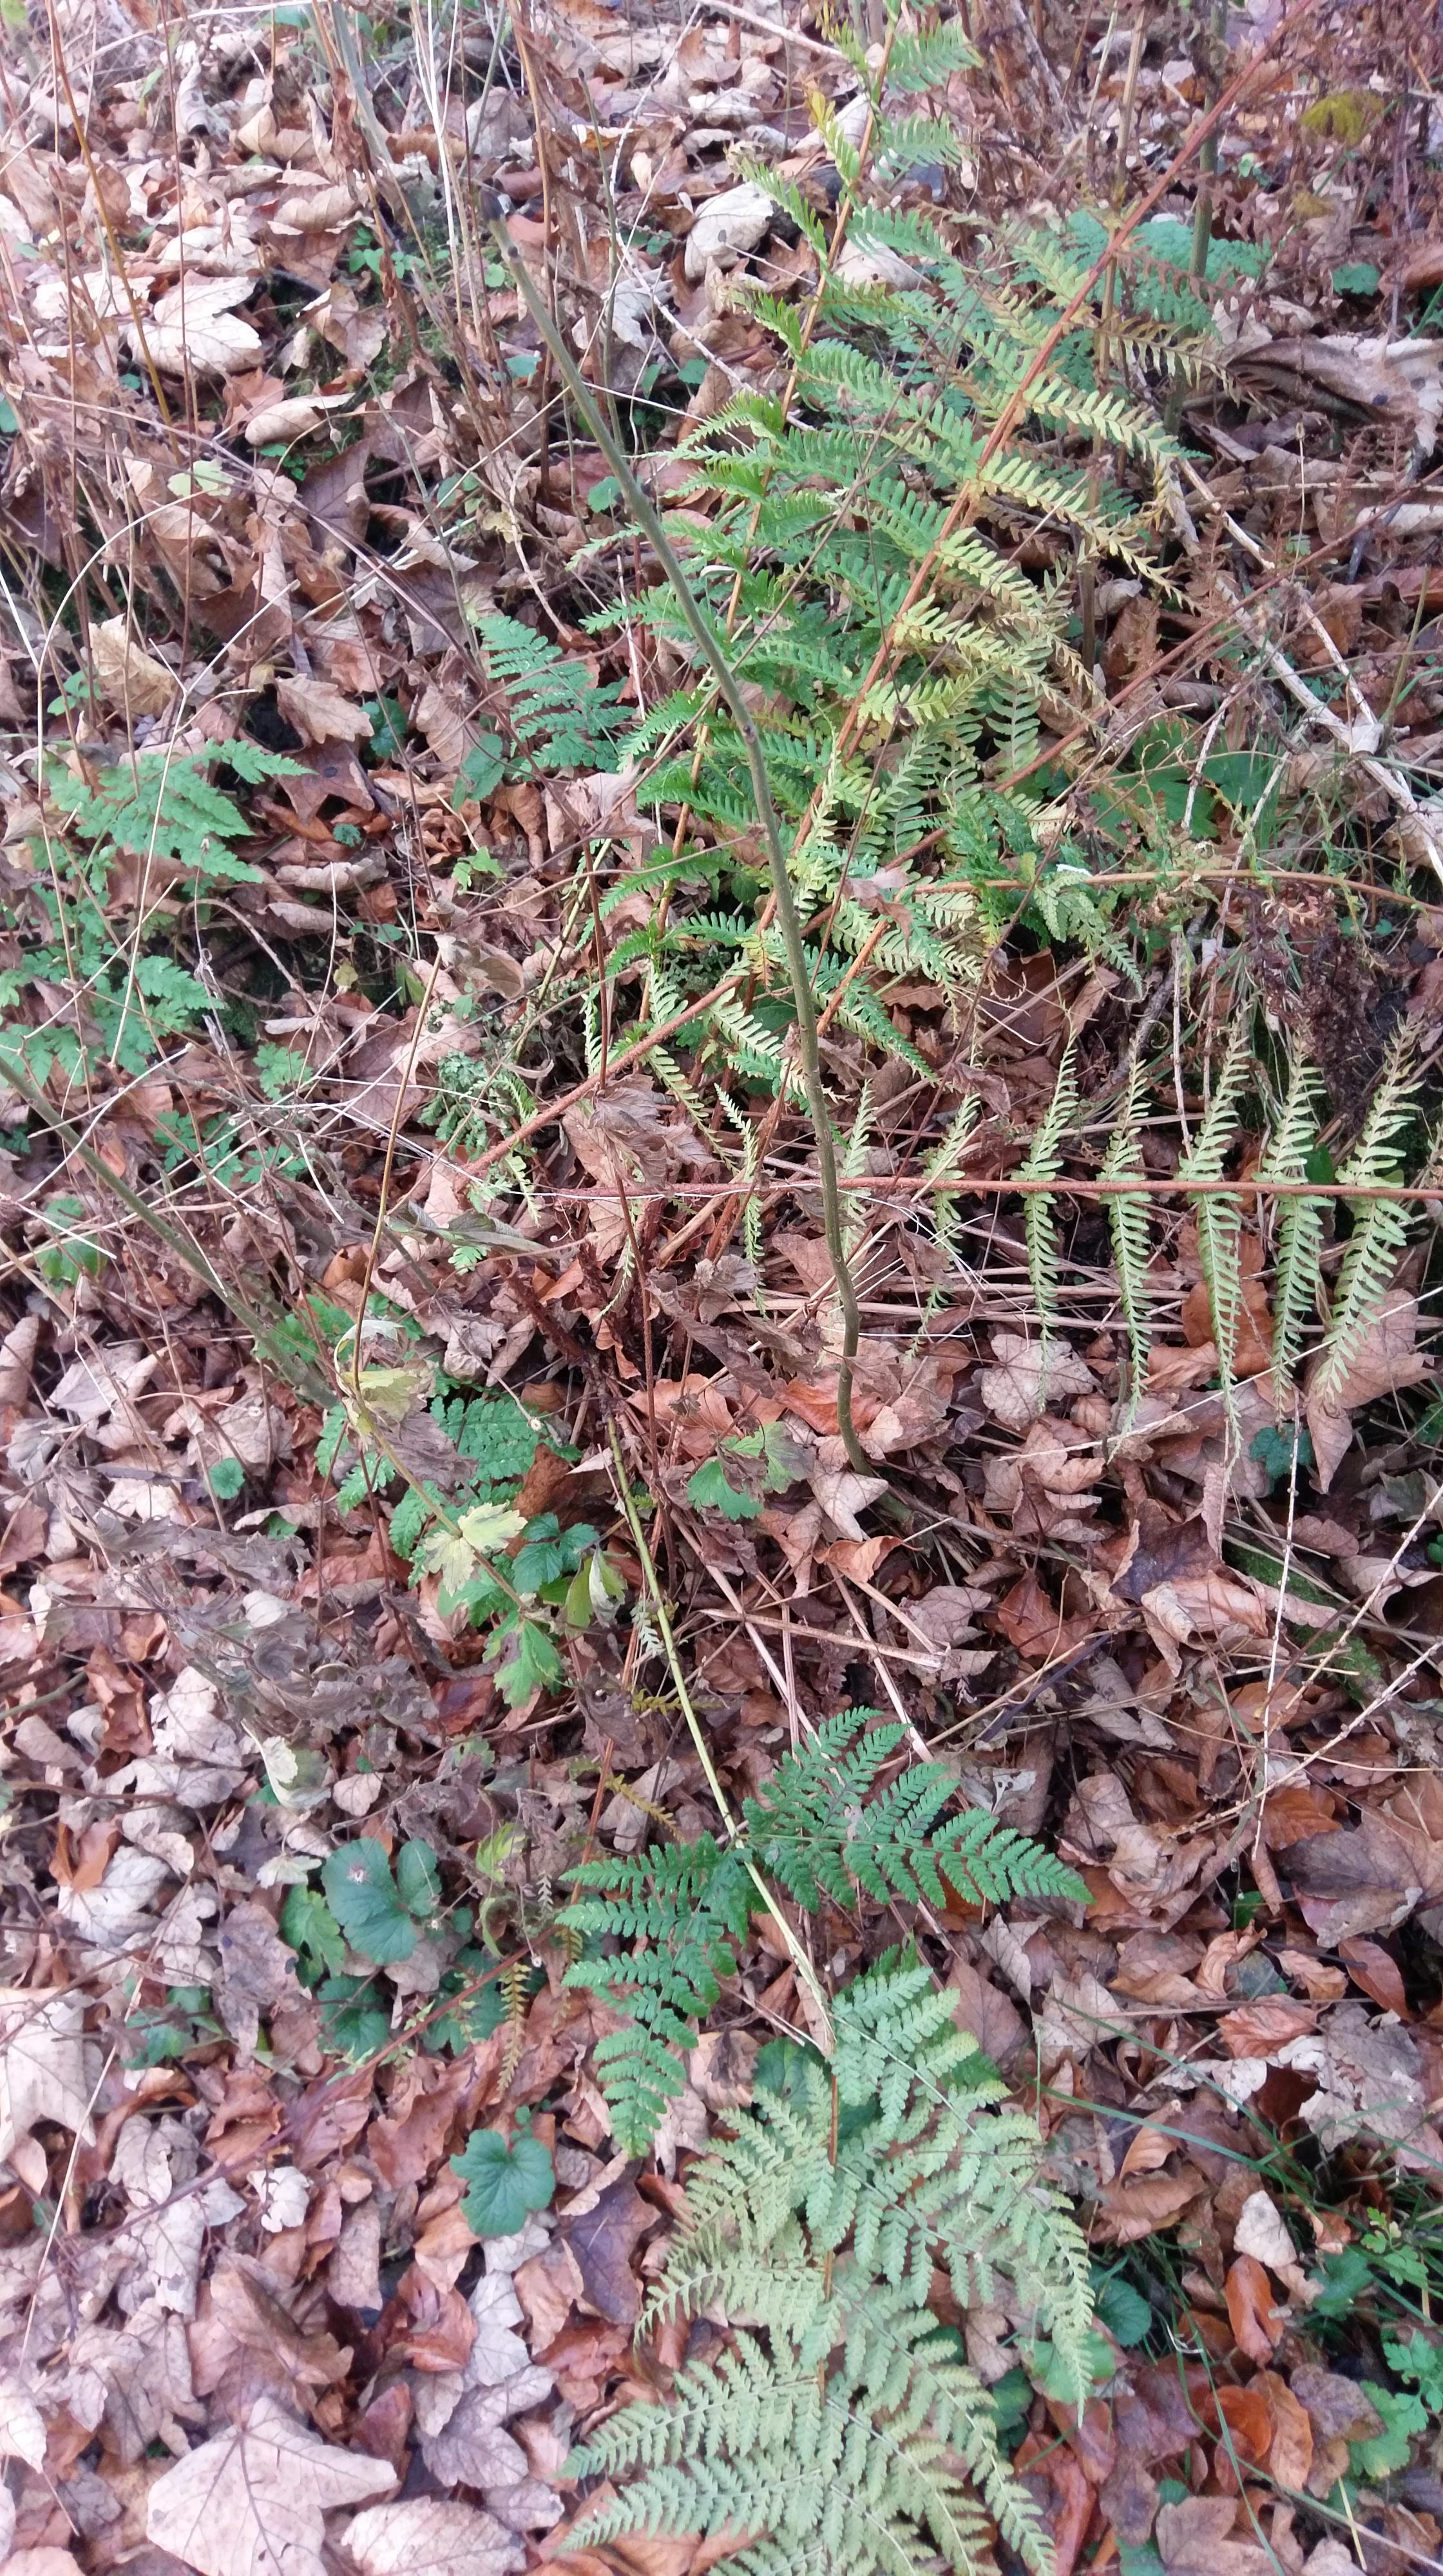 Autumn Undergrowth